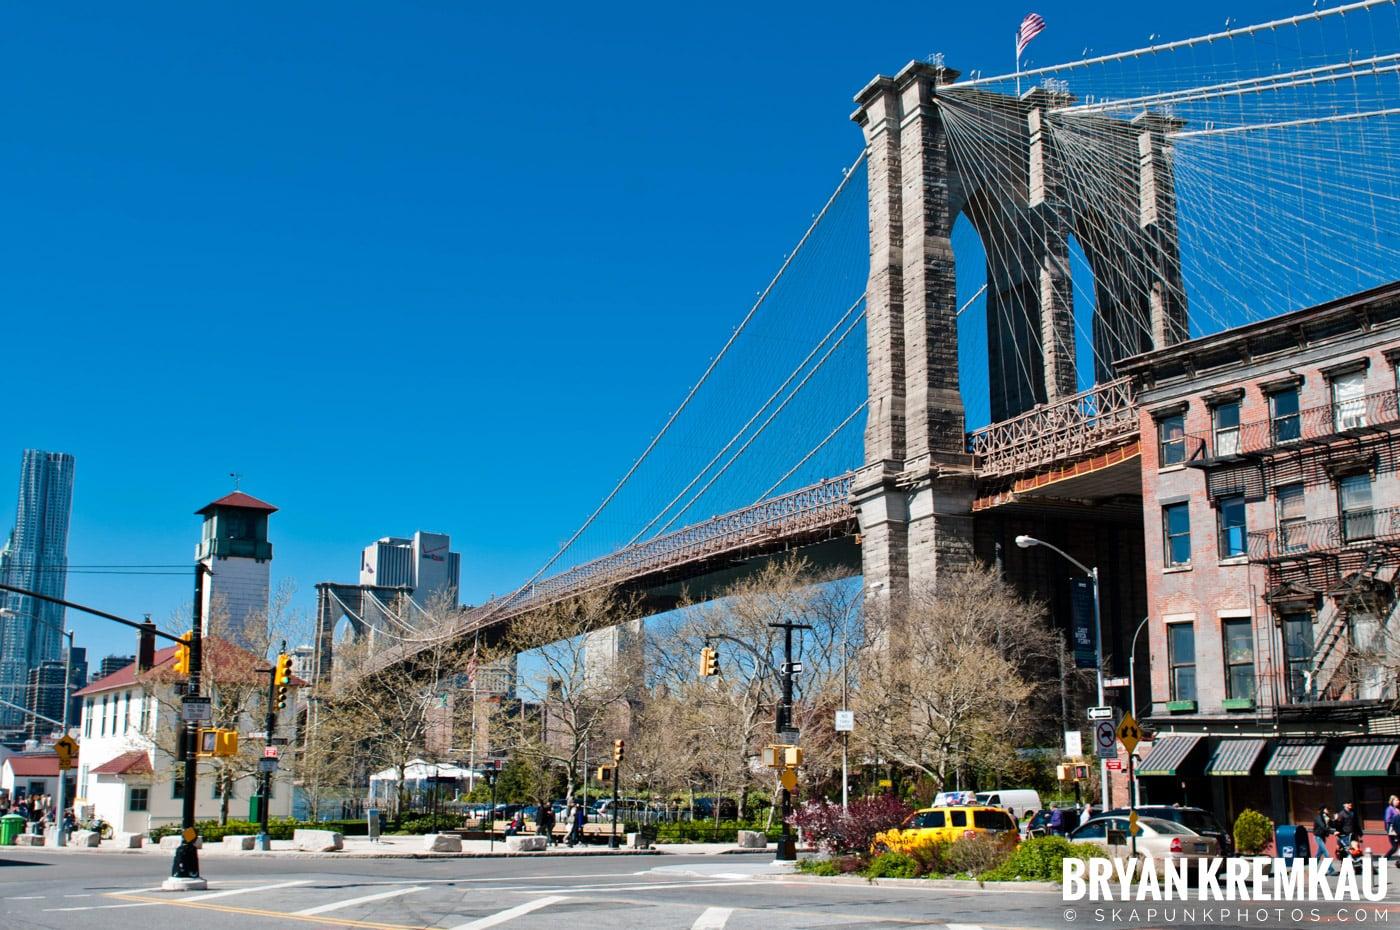 Brooklyn Botanic Garden & Prospect Park Zoo @ Brooklyn, NY - 4.6.12 (3)